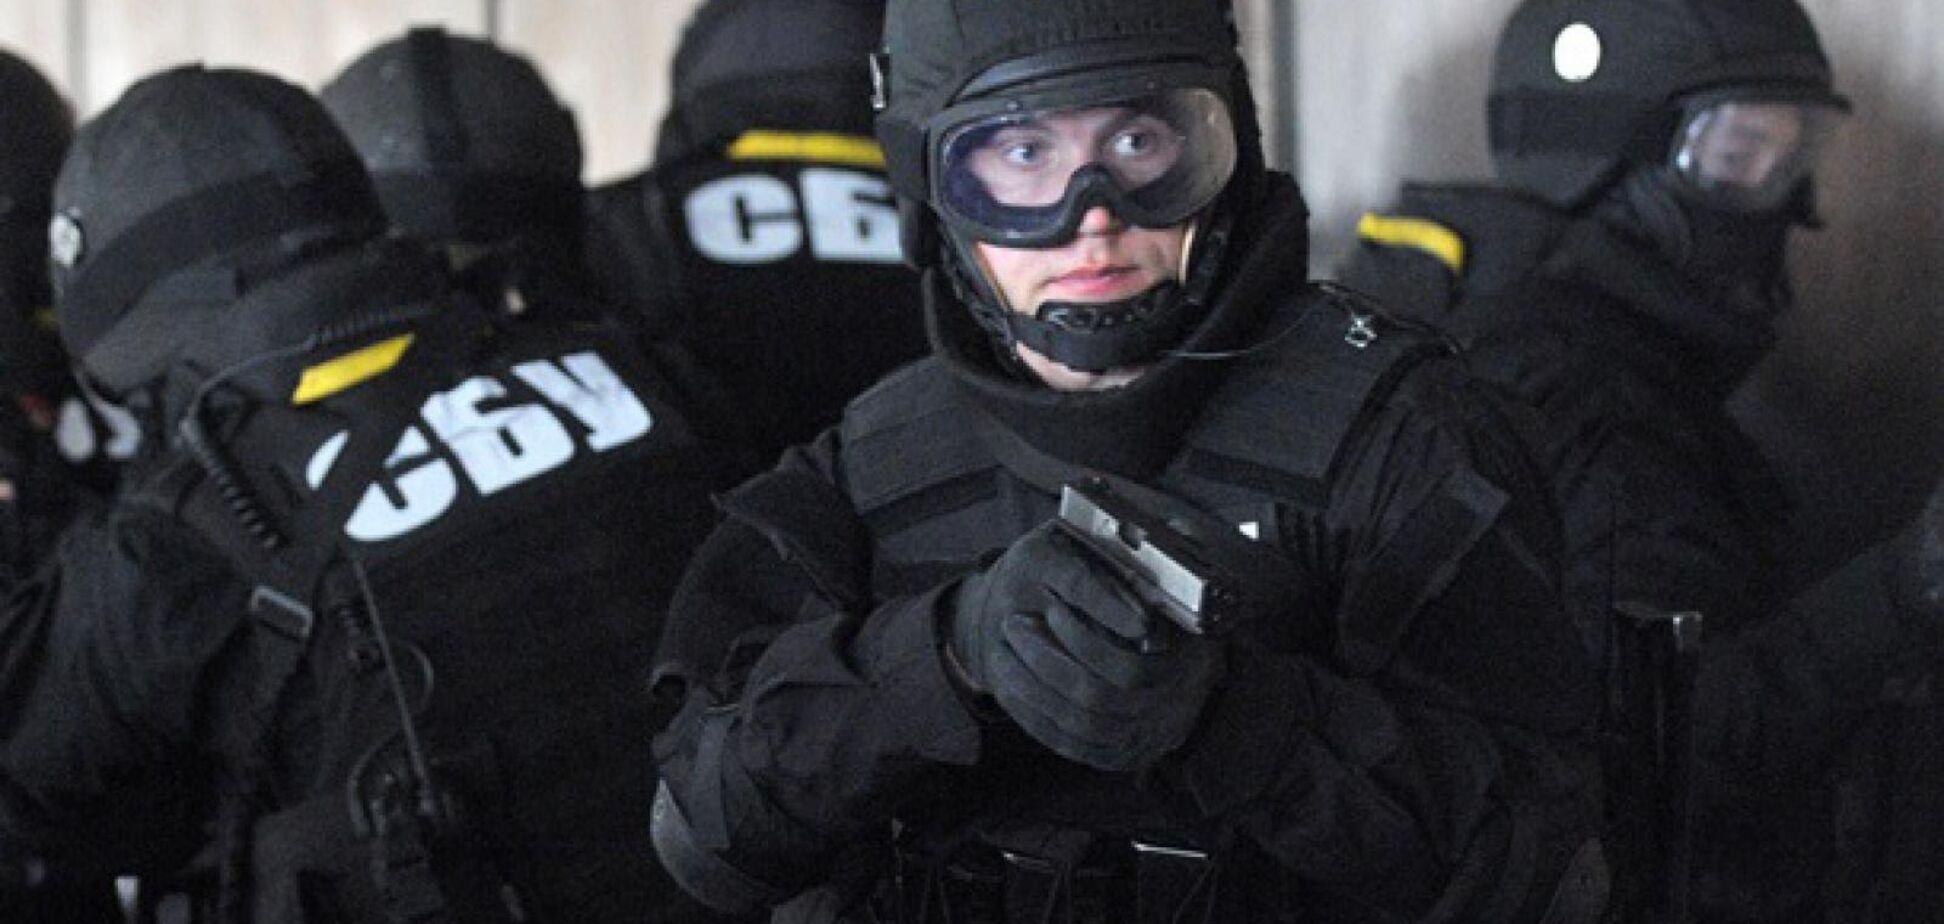 Задержание АТОшника Москве: в СБУ выступили с серьезным предупреждением к украинцам